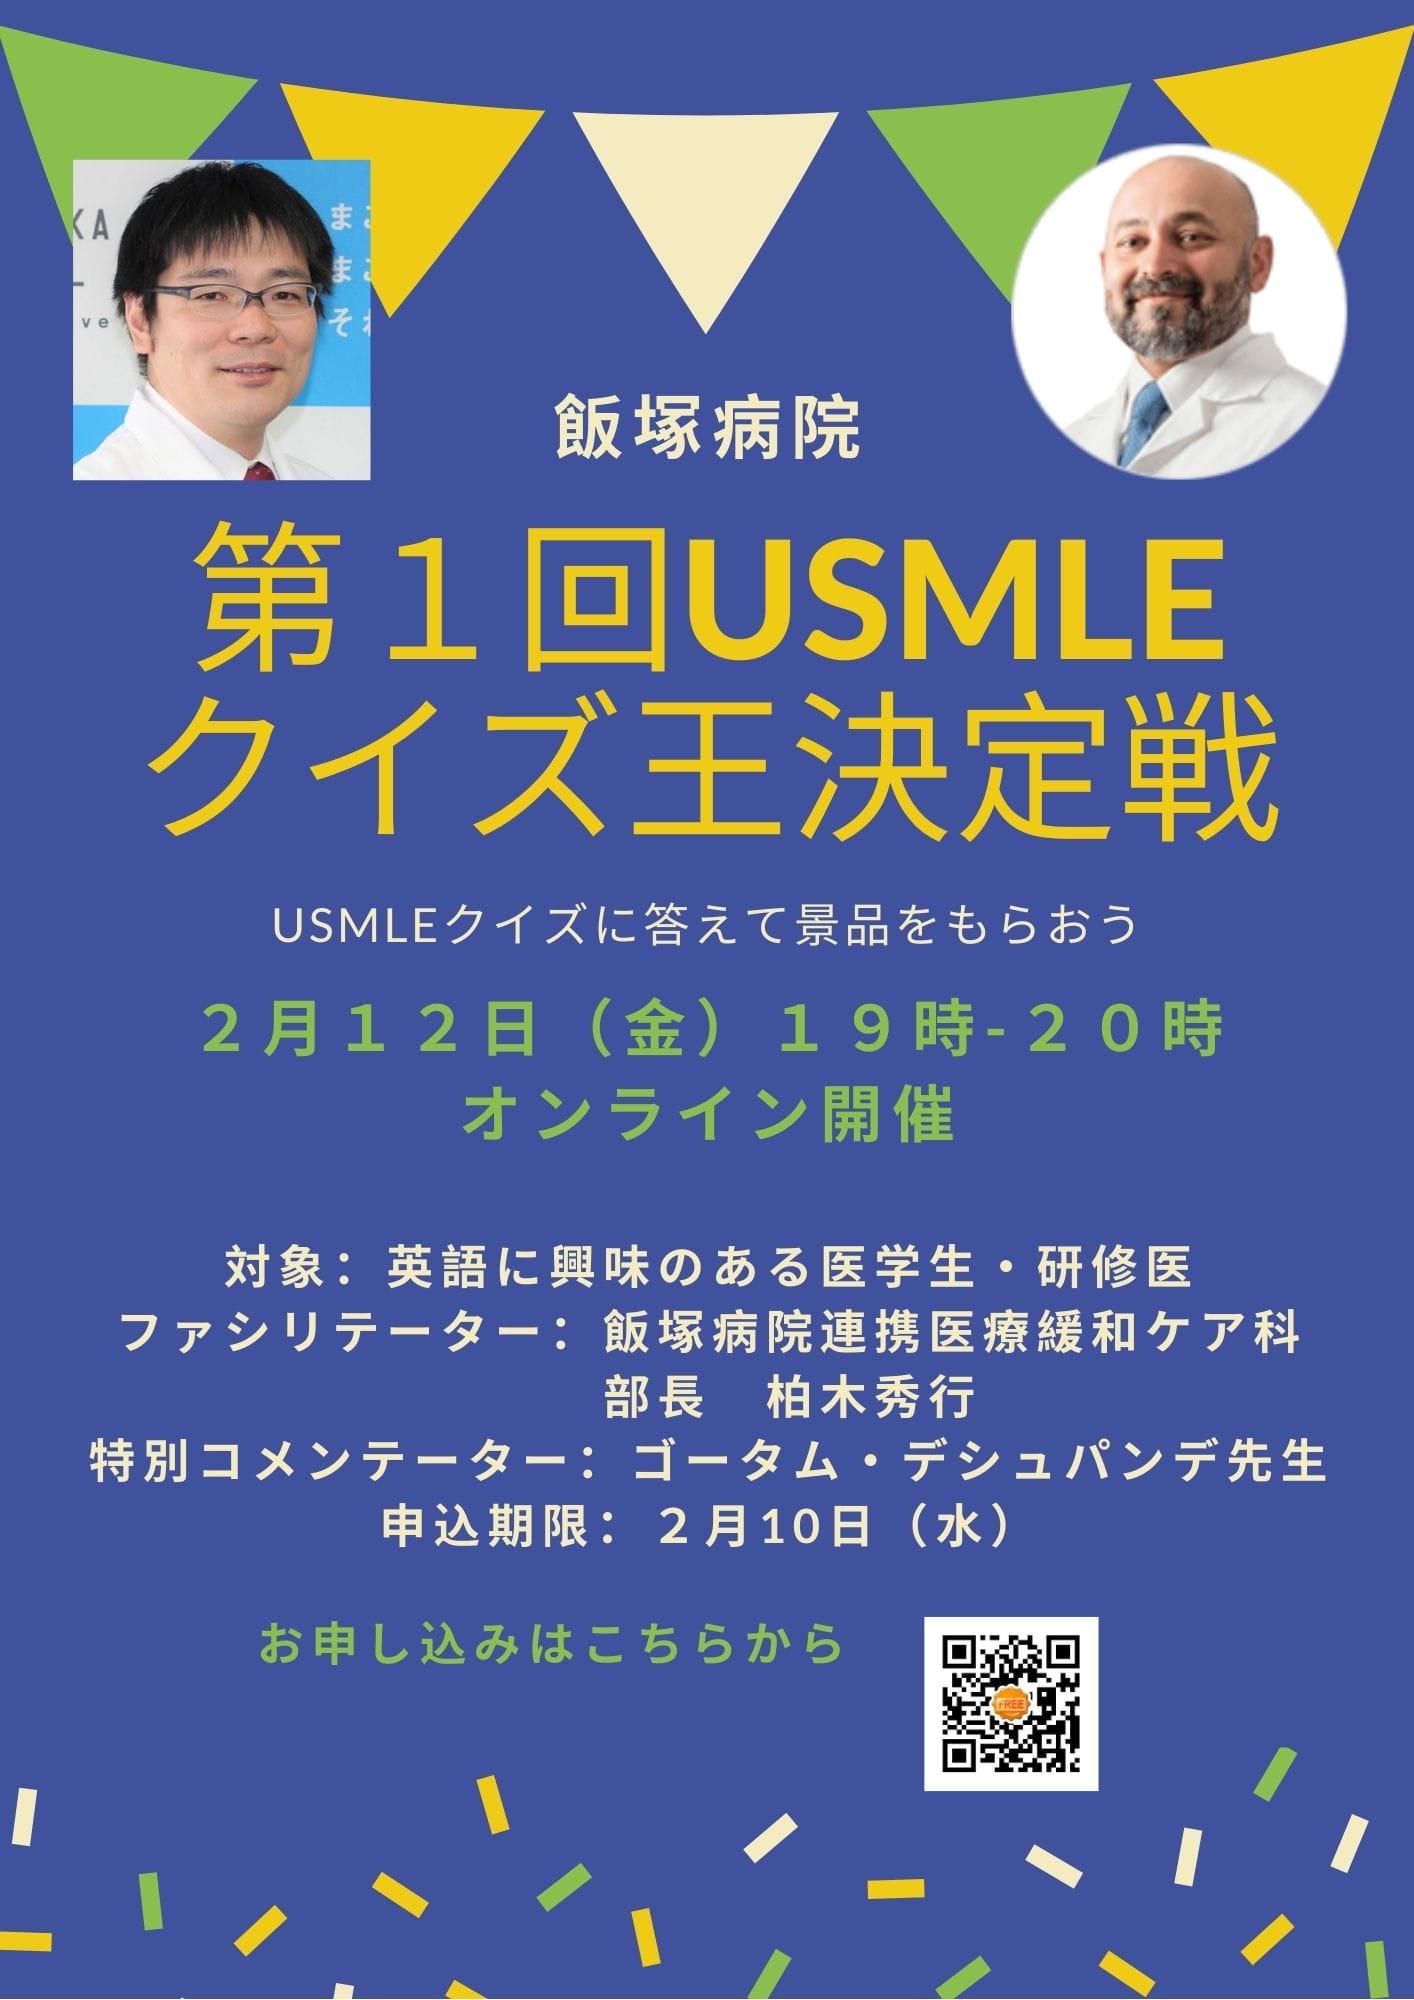 第1回USMLEクイズ王決定戦 ~ 順天堂大学 ゴータム・デシュパンデ先生とのコラボ企画 ~